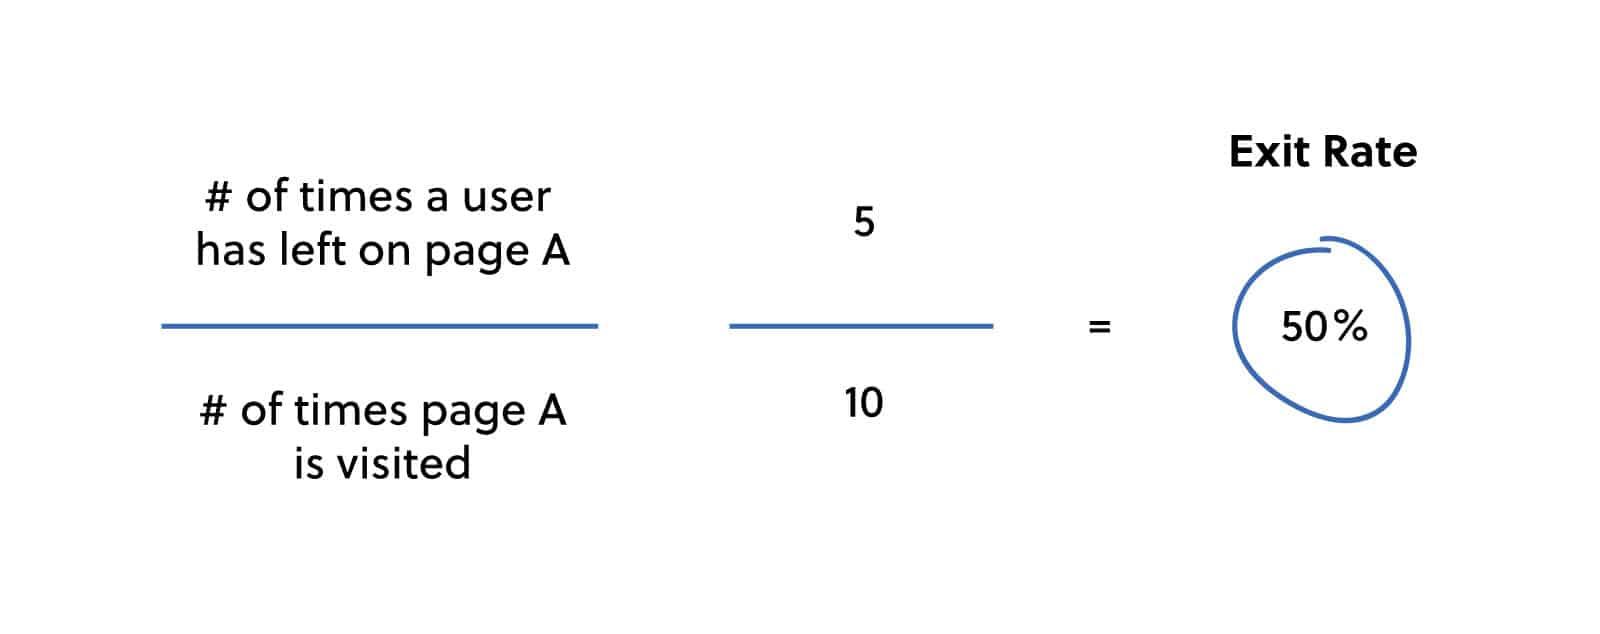 exit-percentage-explanation